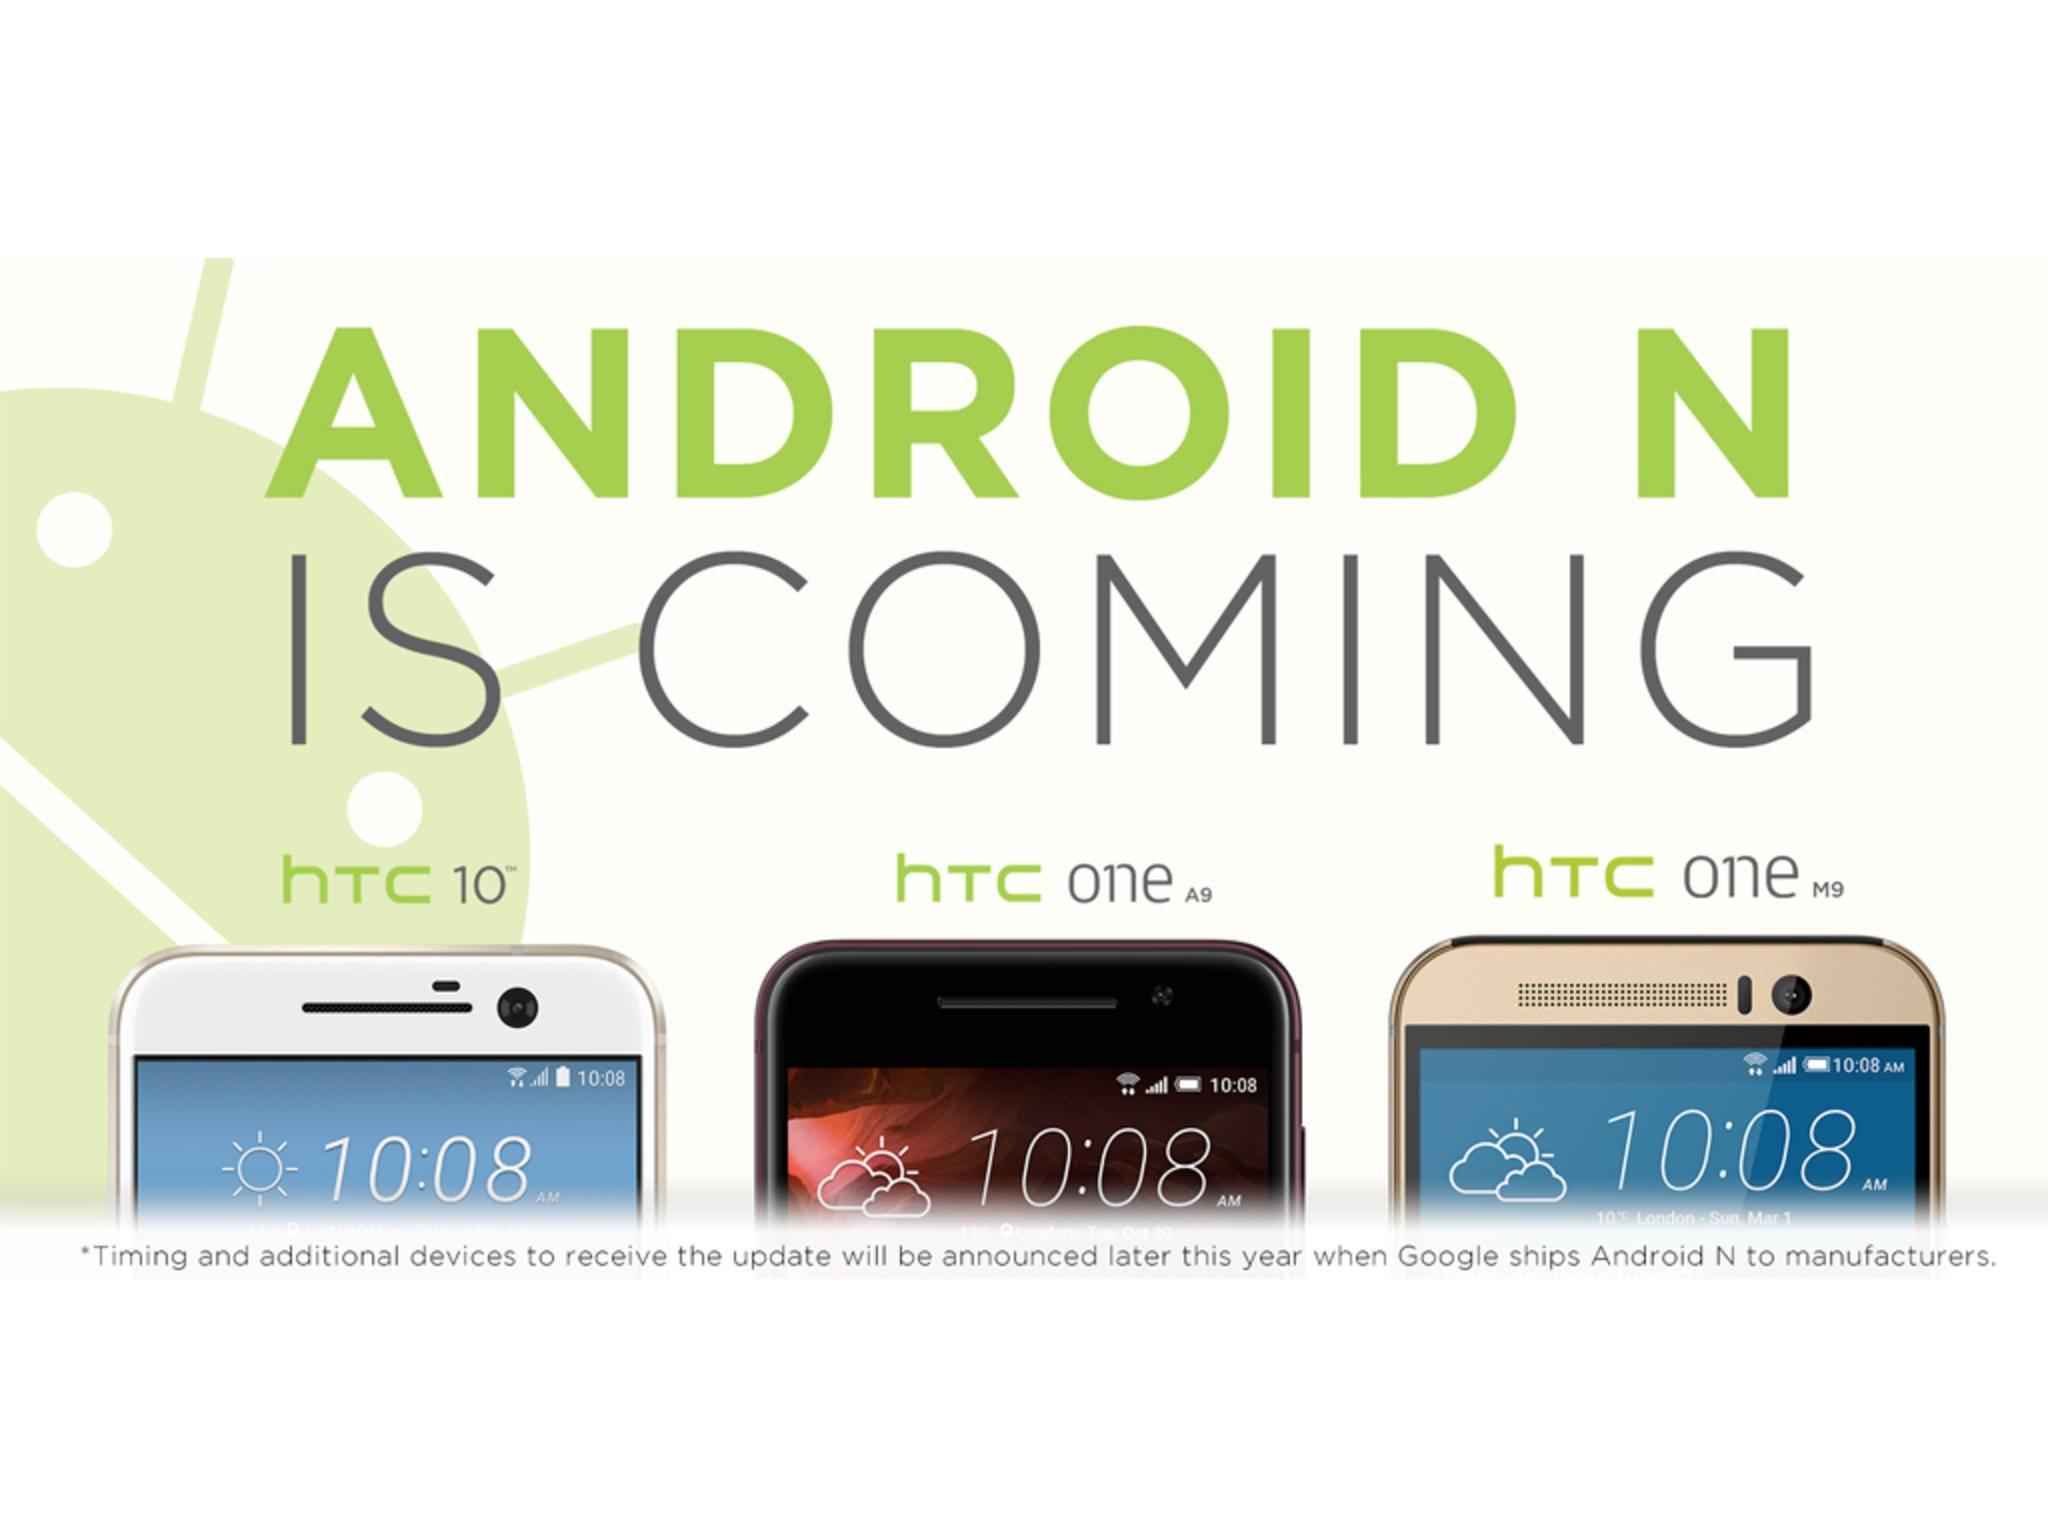 Es ist offiziell: Das HTC 10, das HTC One A9 und das One M9 erhalten Android N.